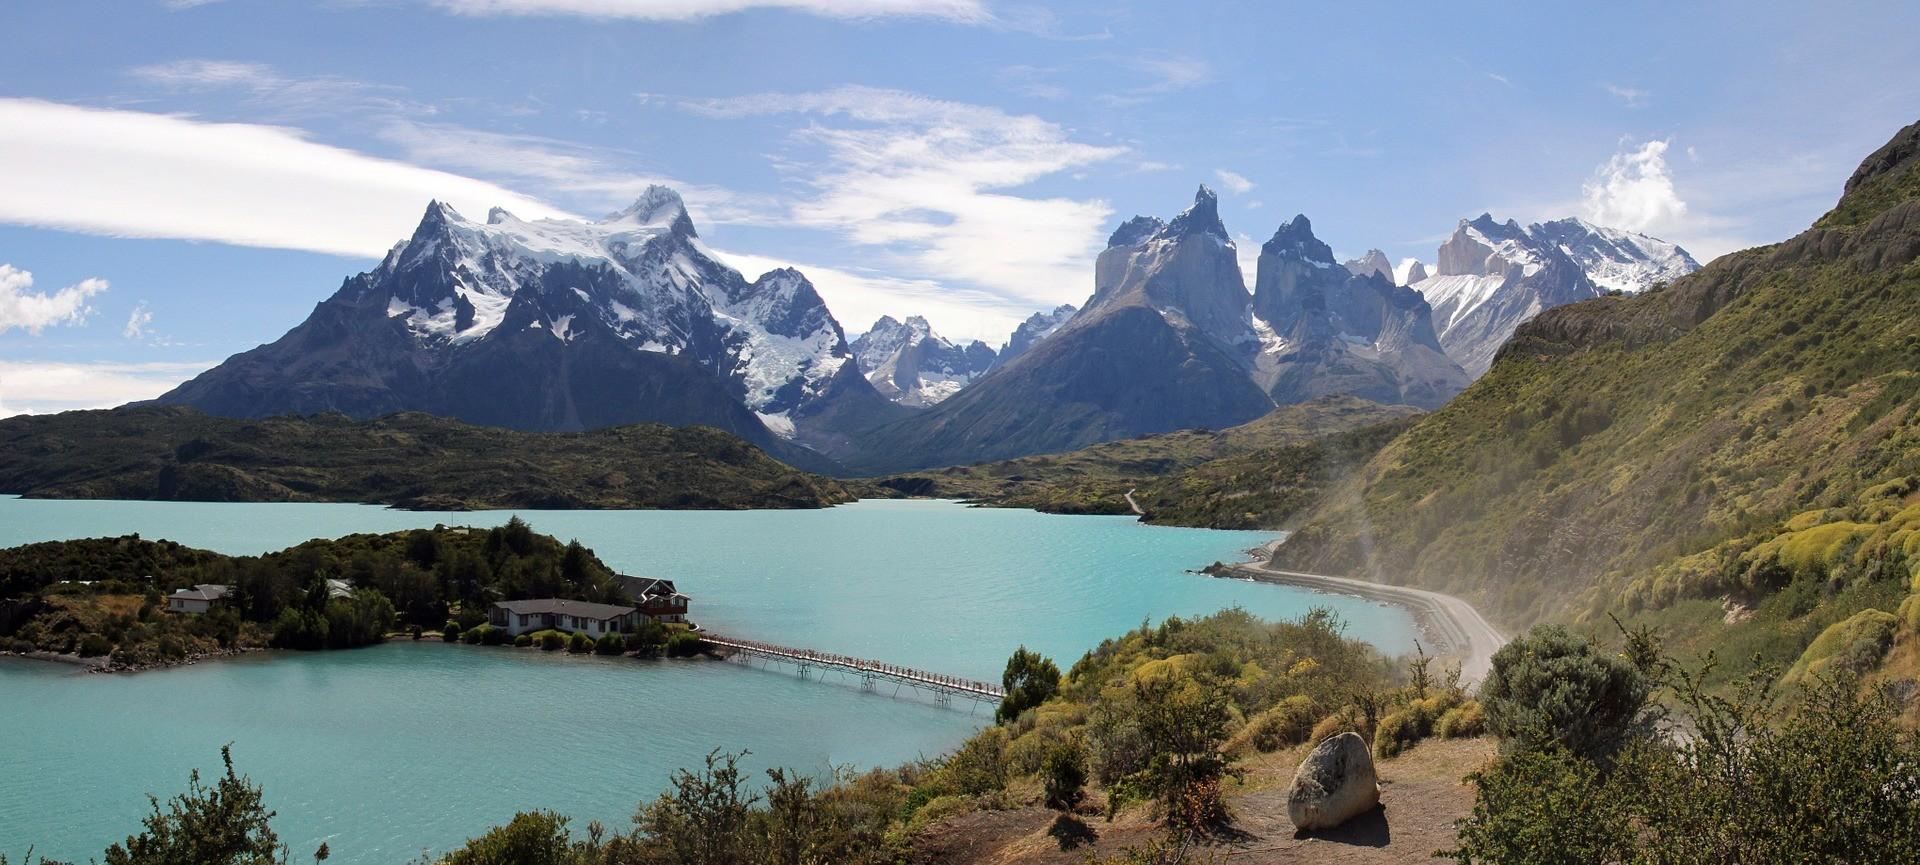 6 lugares que ver en Chile - Turismo en Chile (2020)